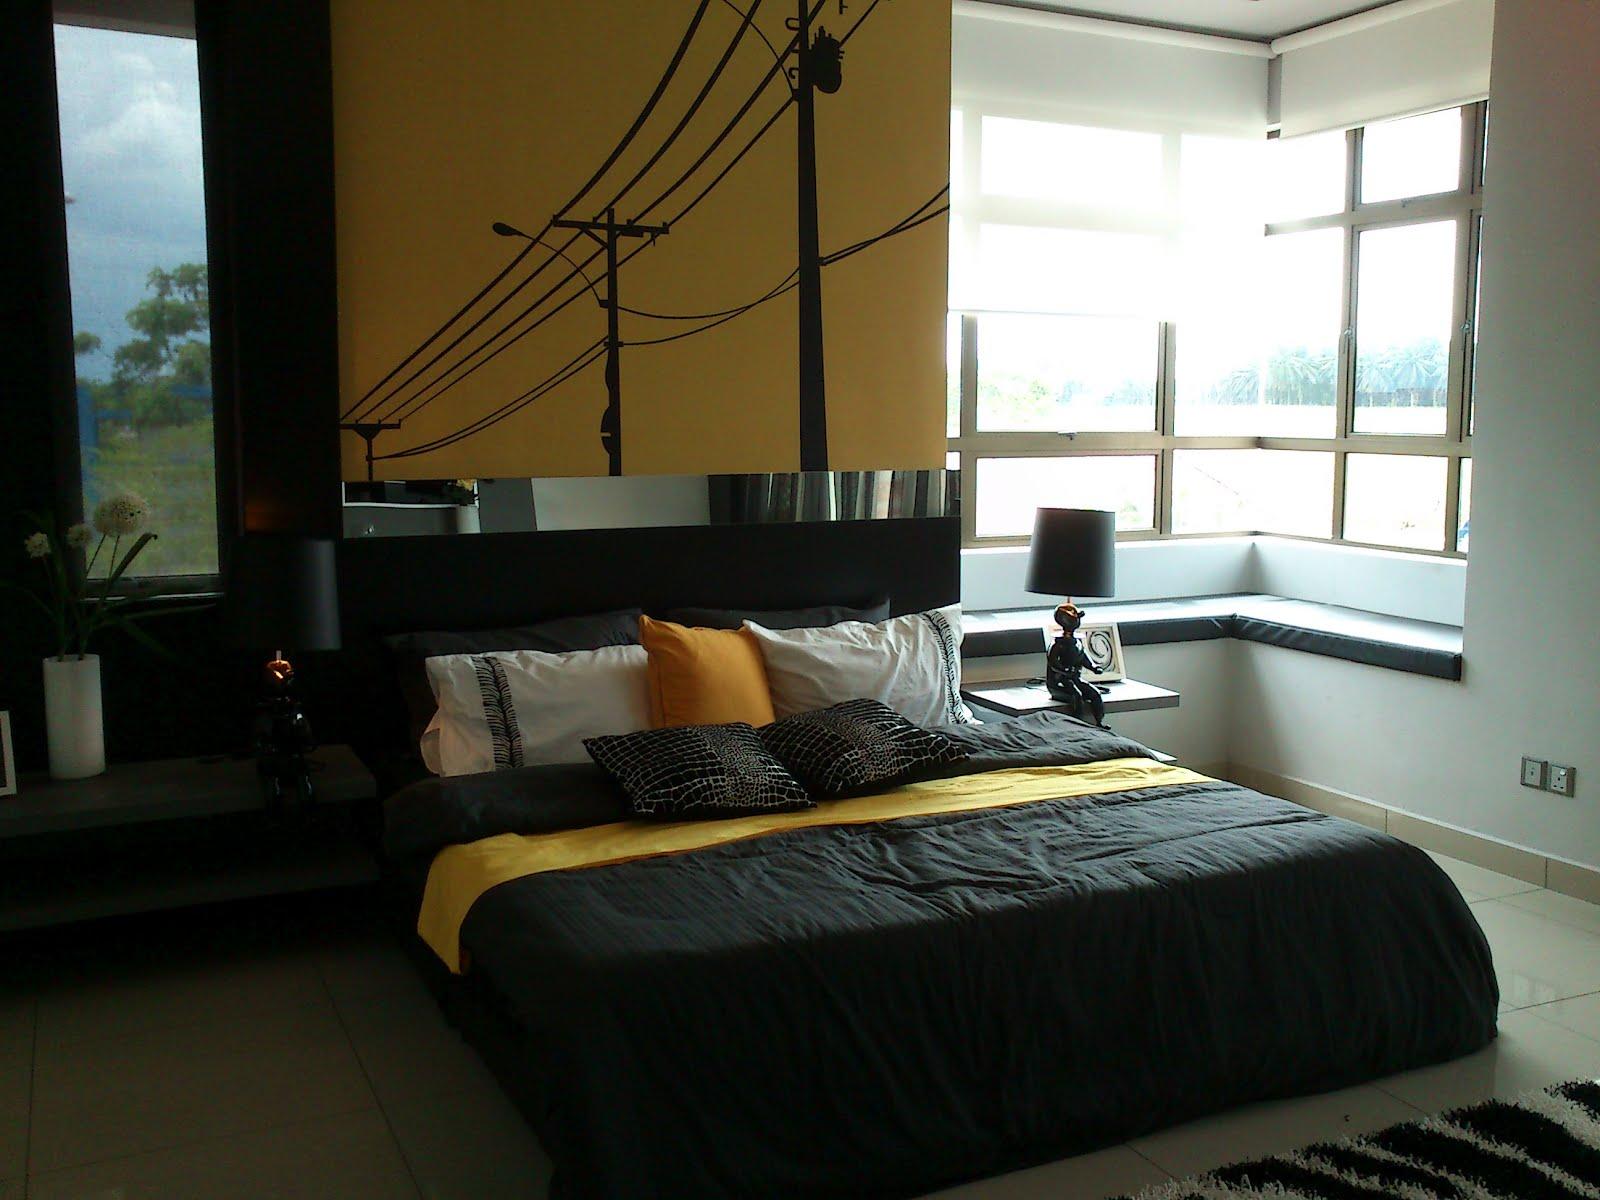 Bilik Tidur Warna Kuning Hitam